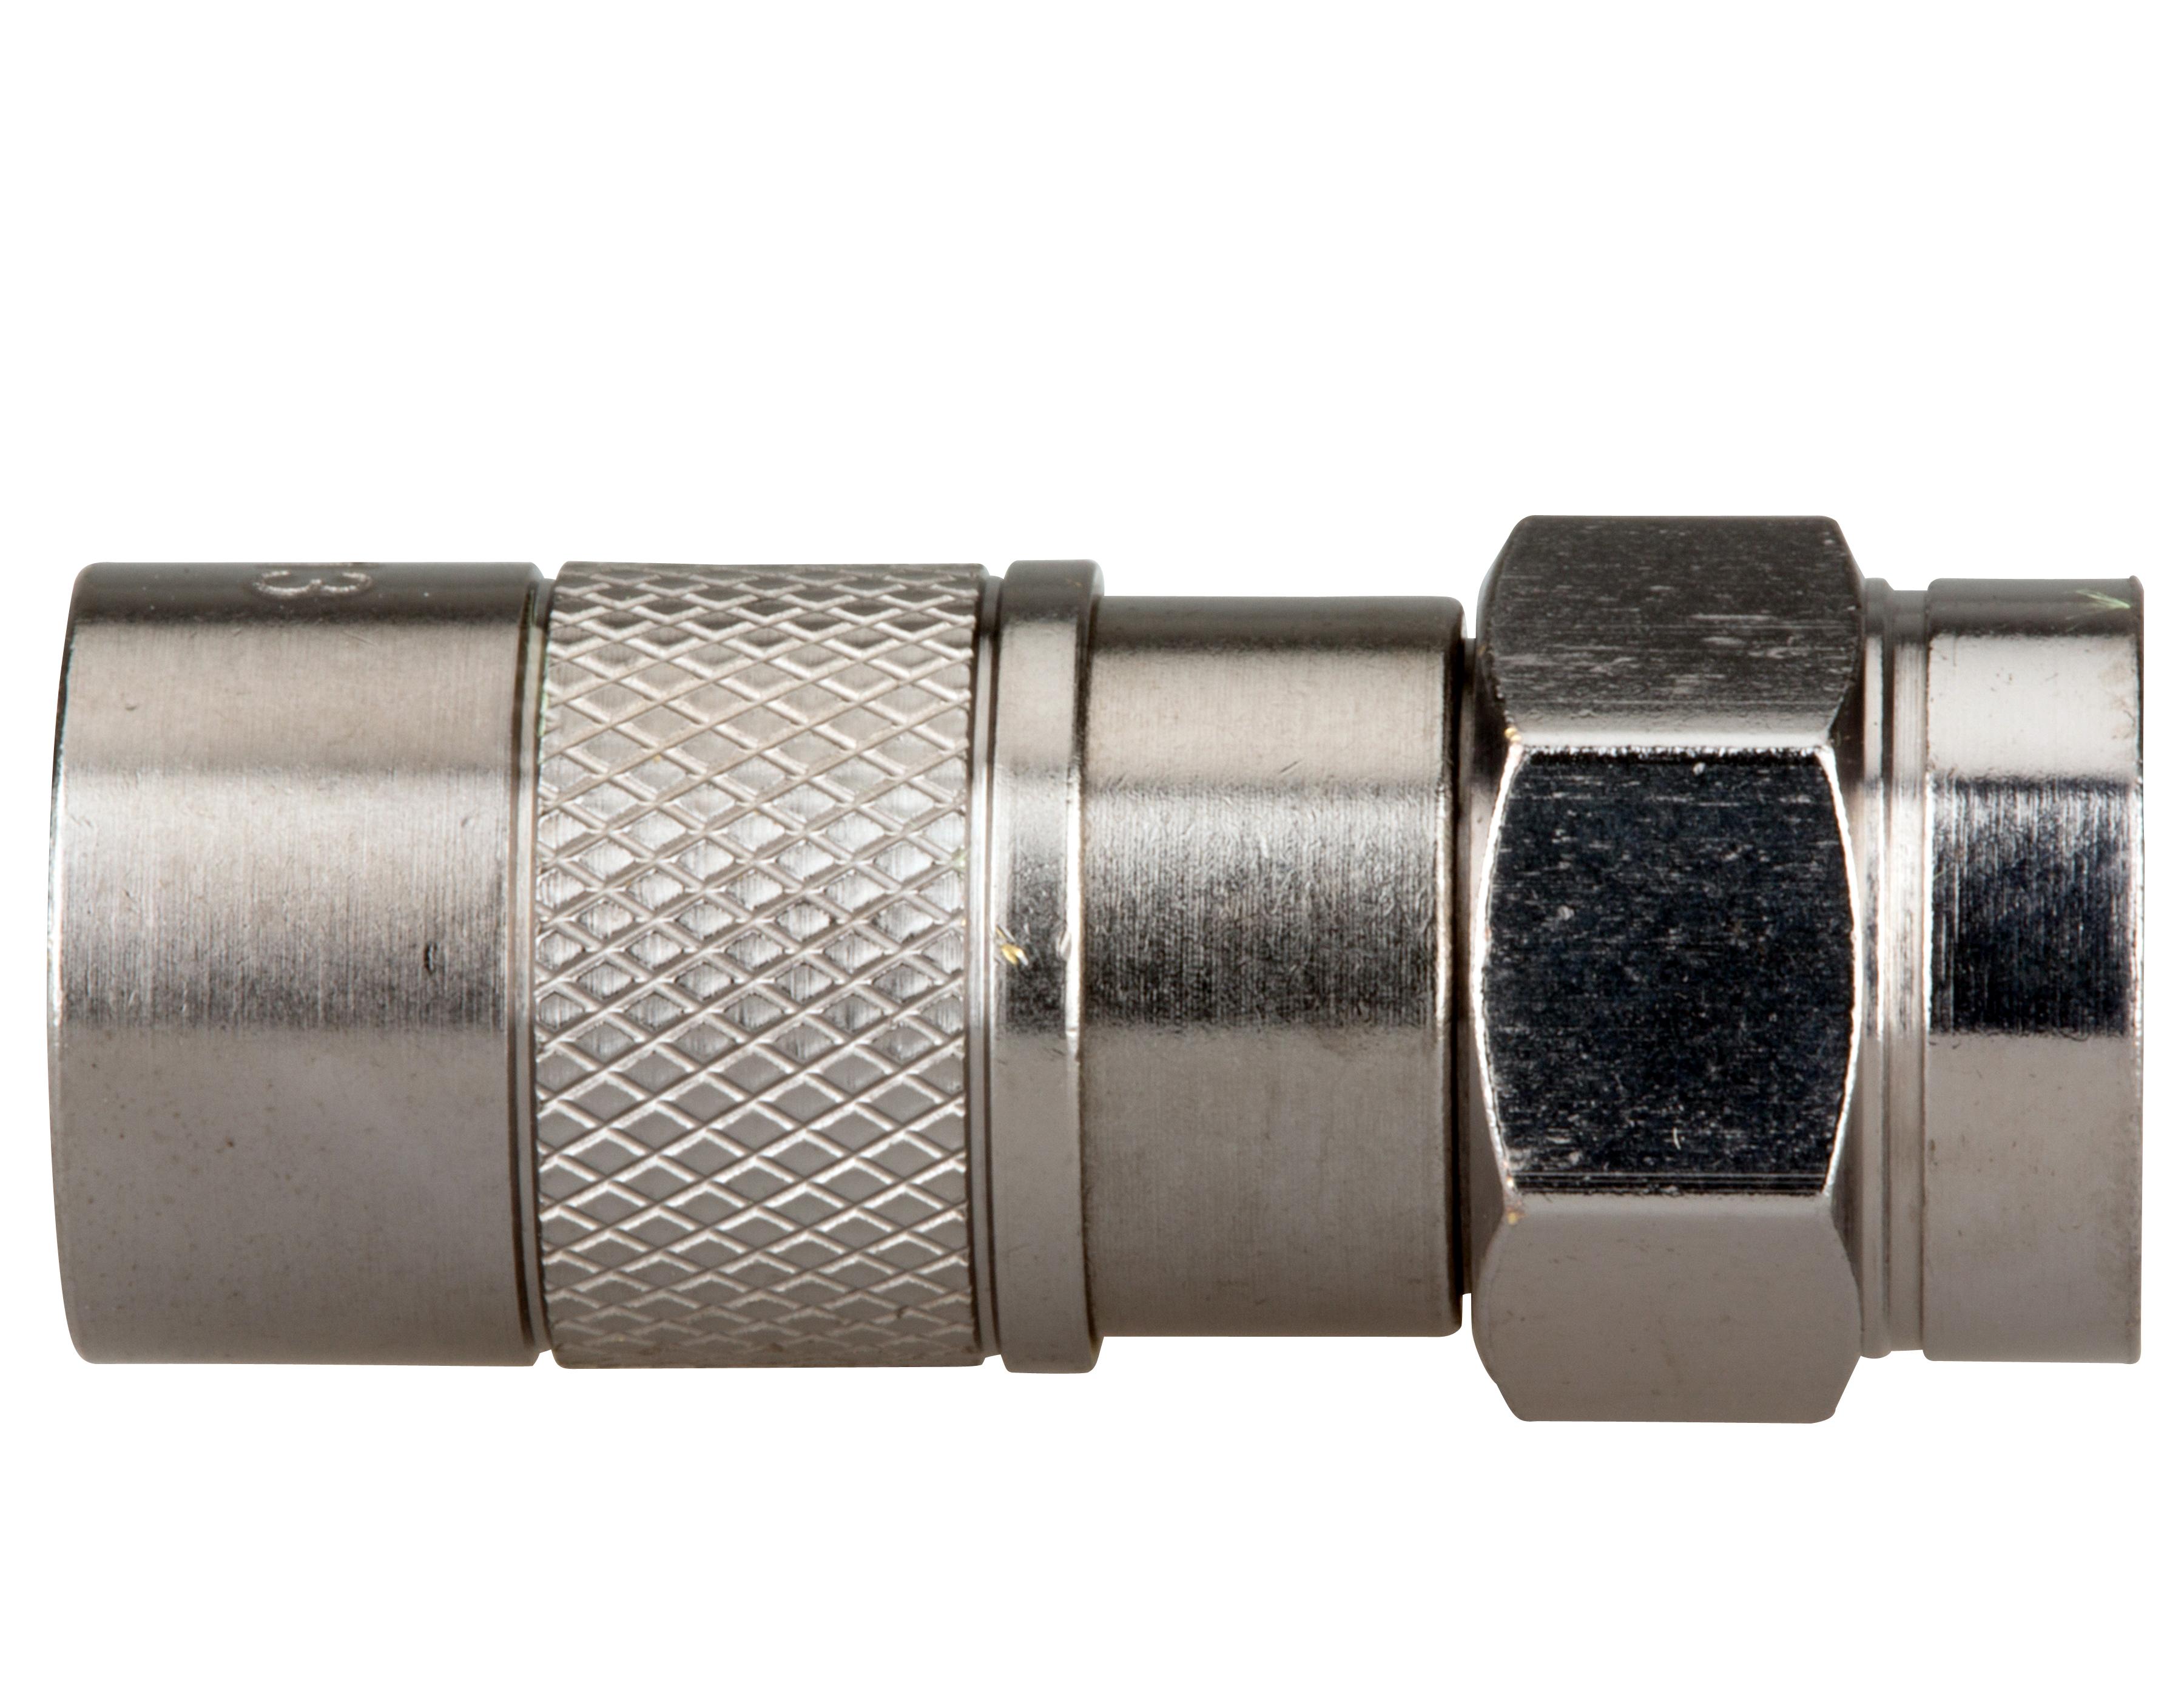 1 Stk SAT Koax F-Stecker Kompression für DIGI-SAT 3011 PE XC160051PE